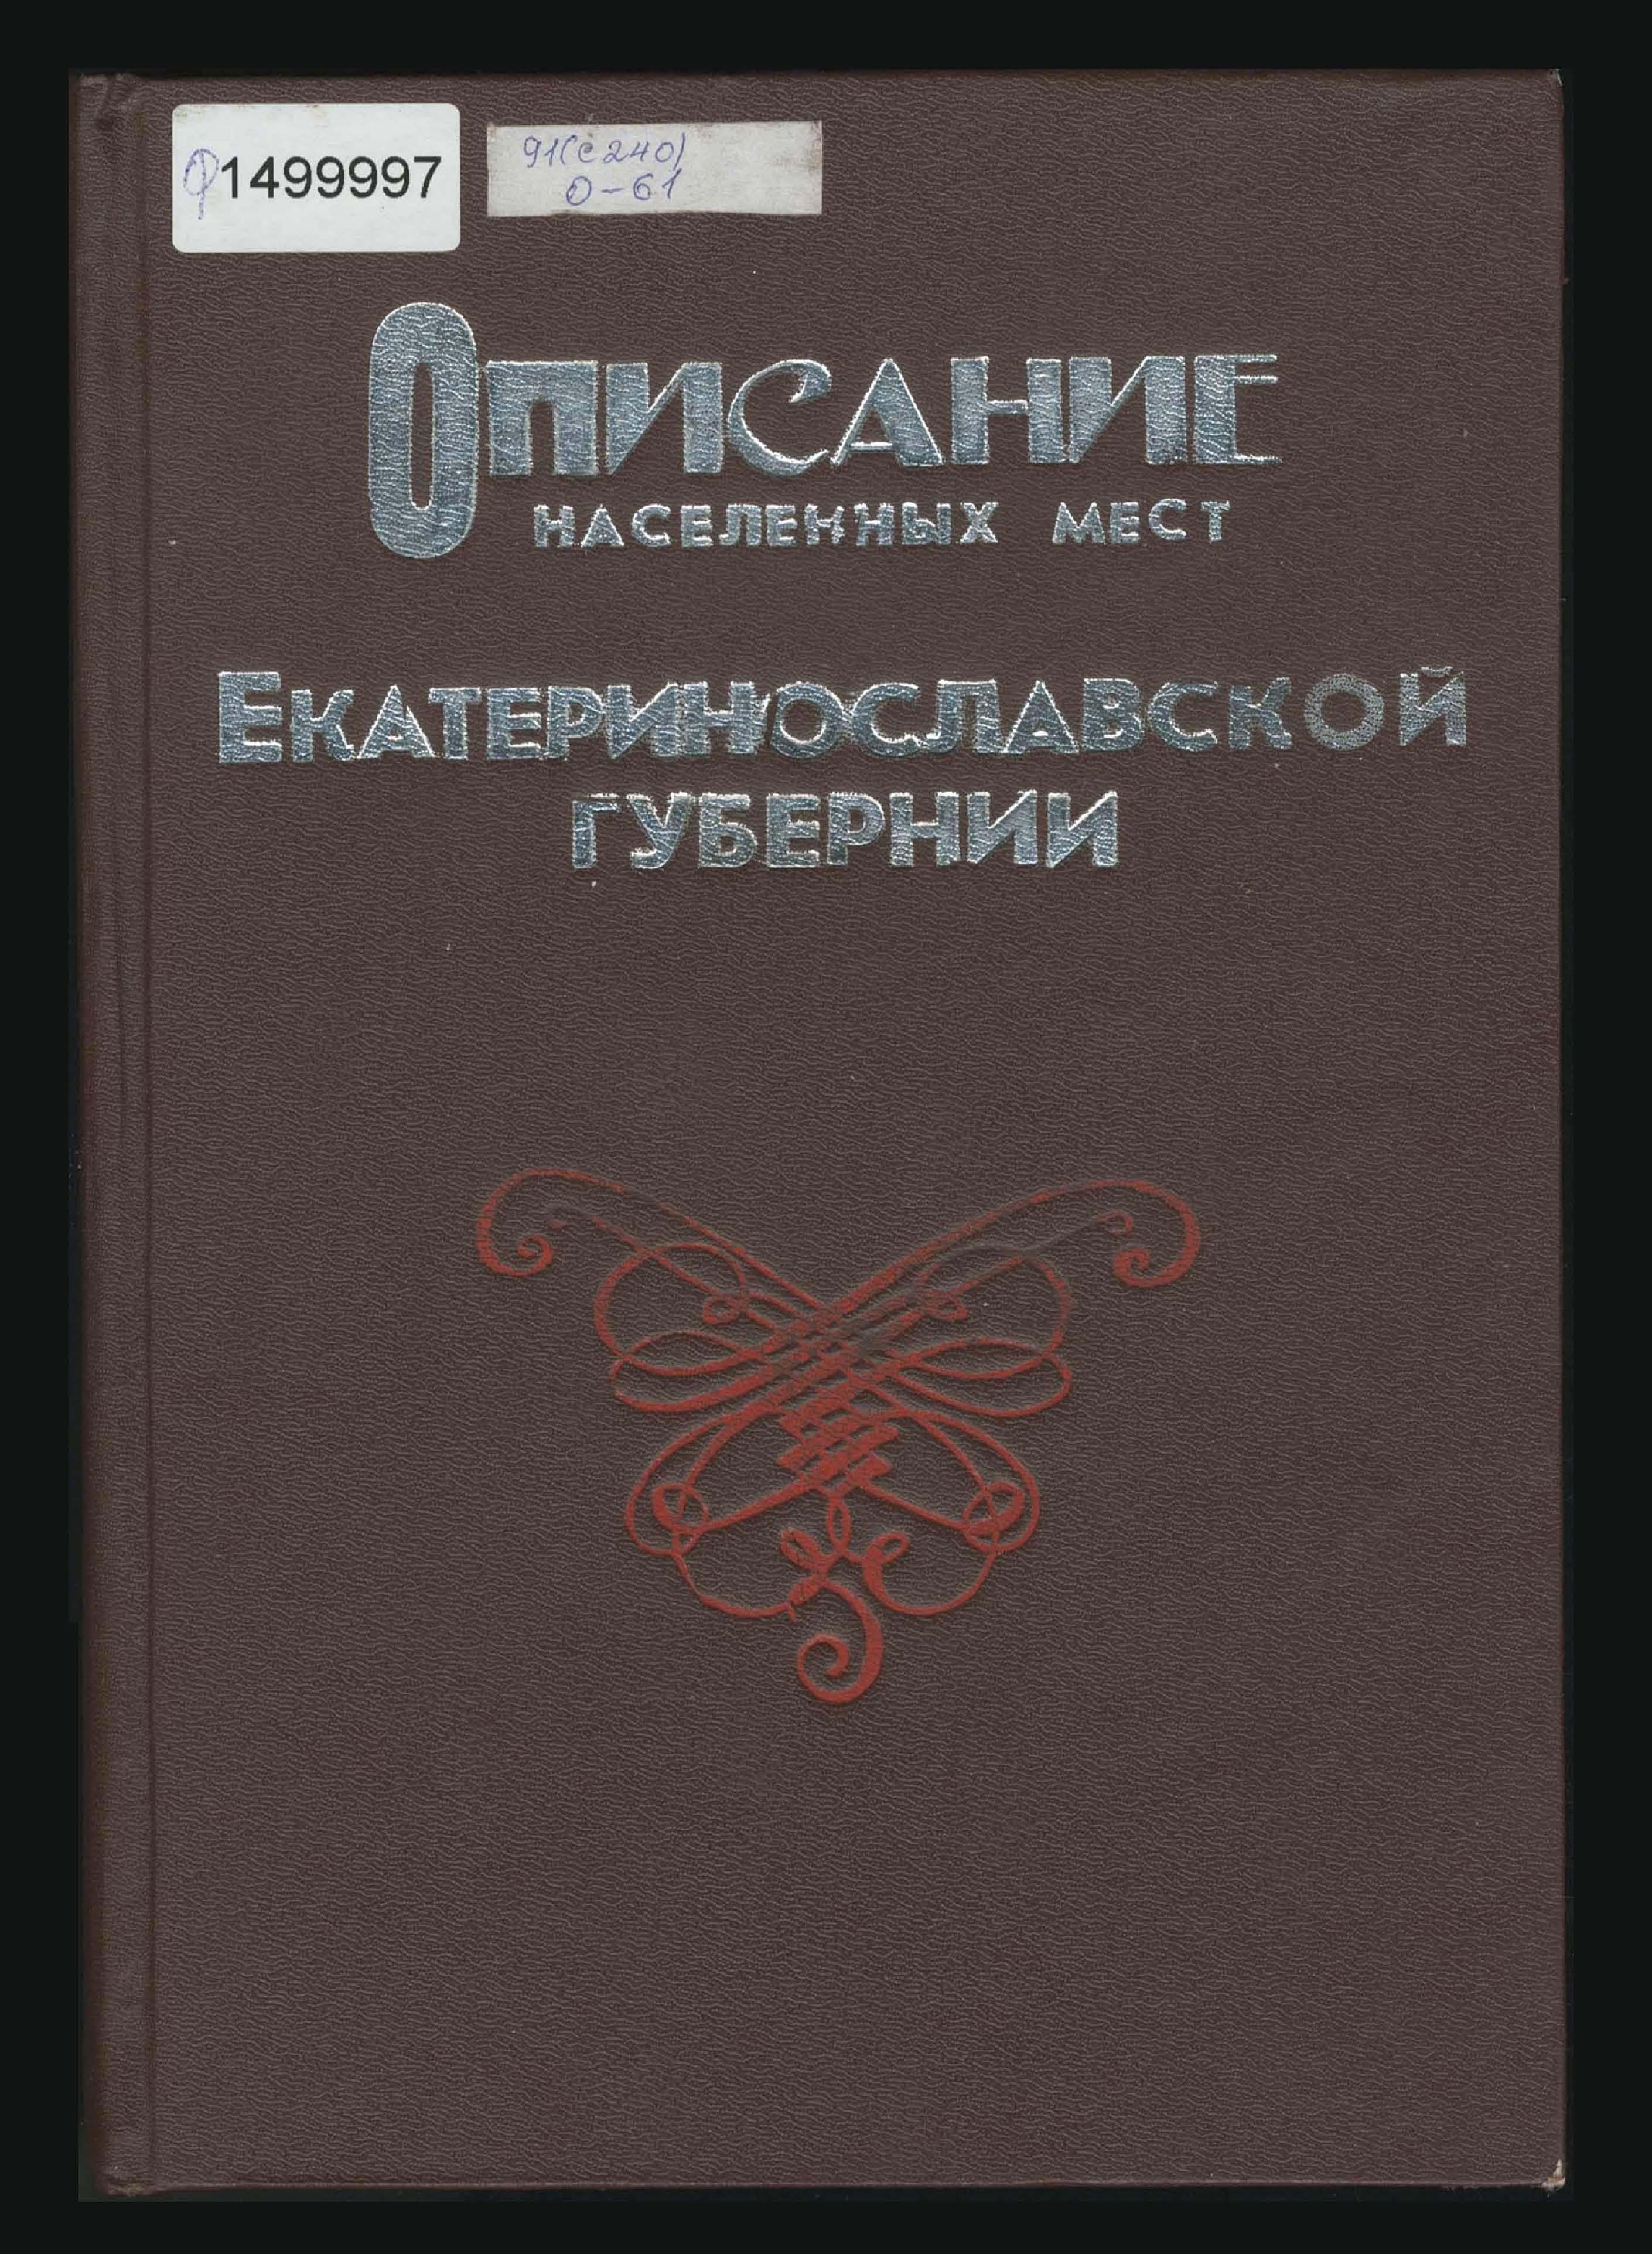 http://images.vfl.ru/ii/1578303908/3bf78438/29119535.jpg